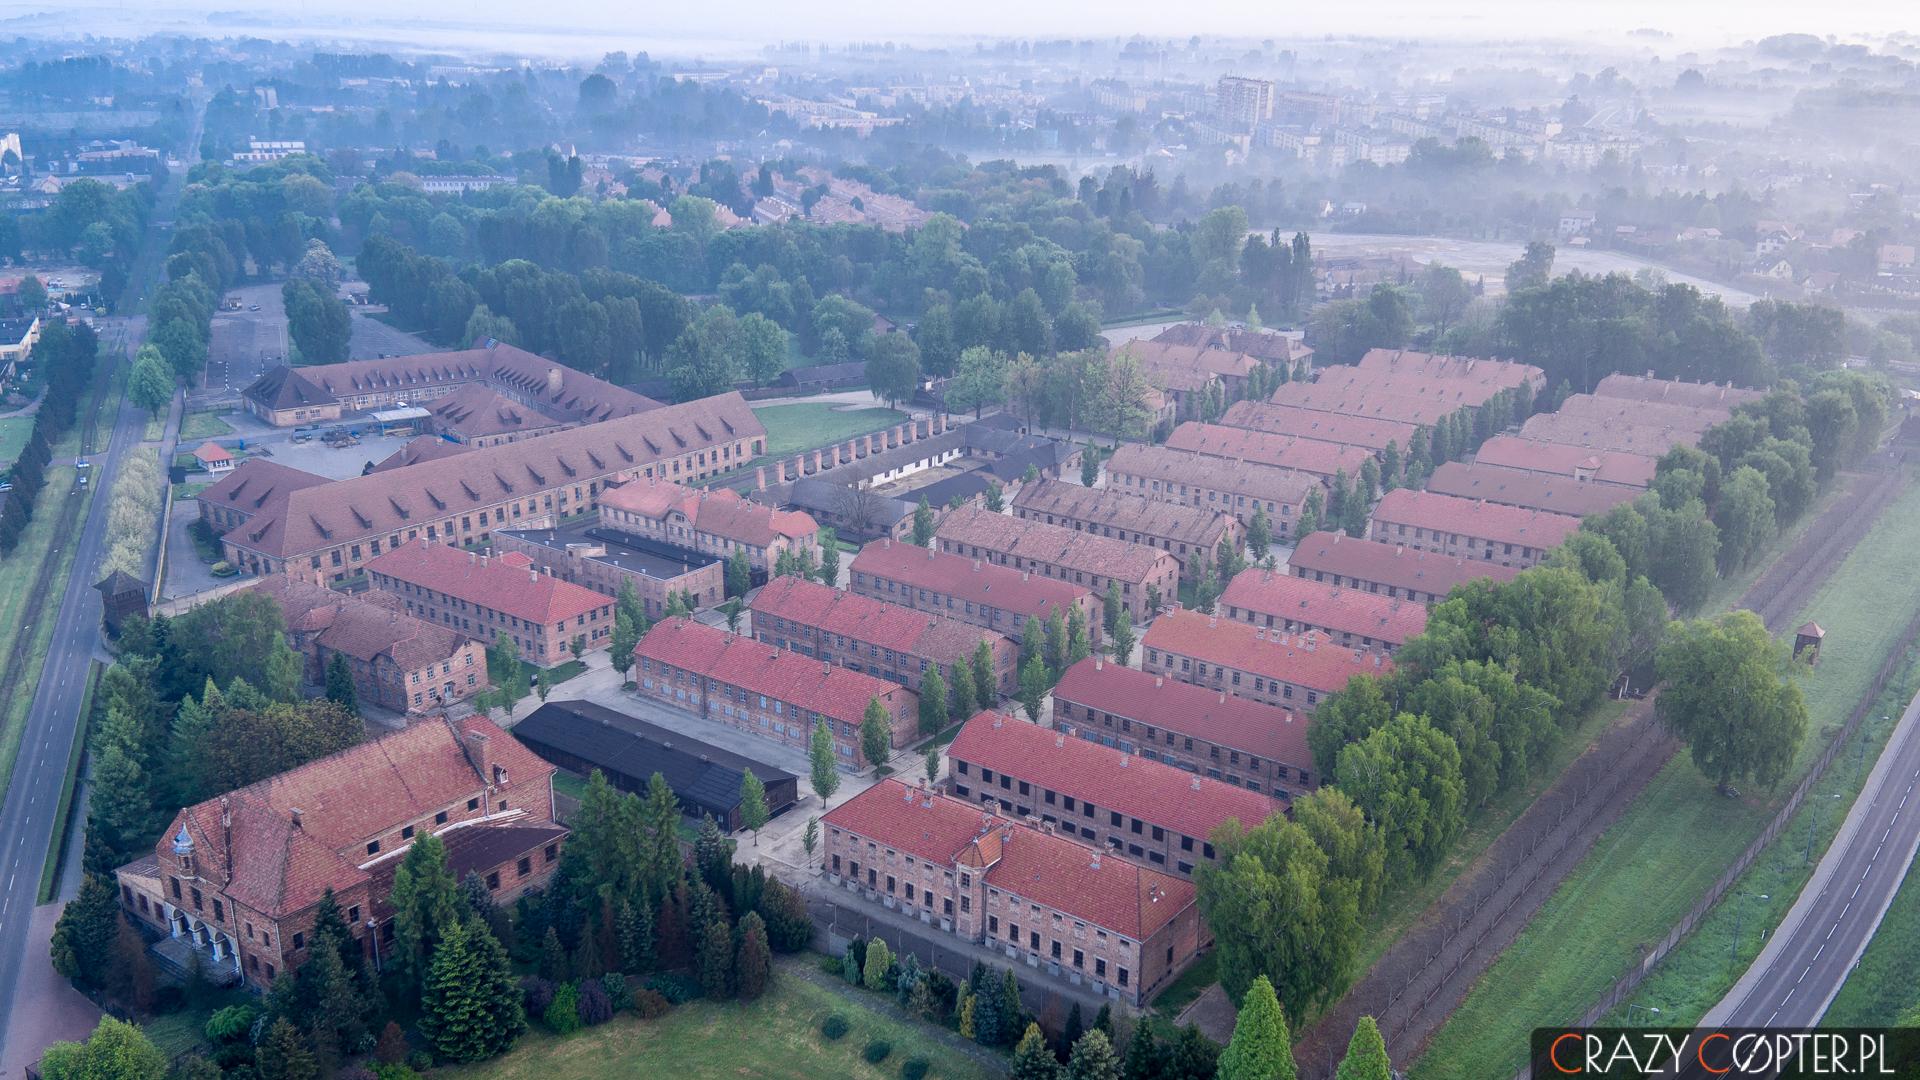 Widok z góry na obóz koncentracyjny Auschwitz - zdjęcie z drona